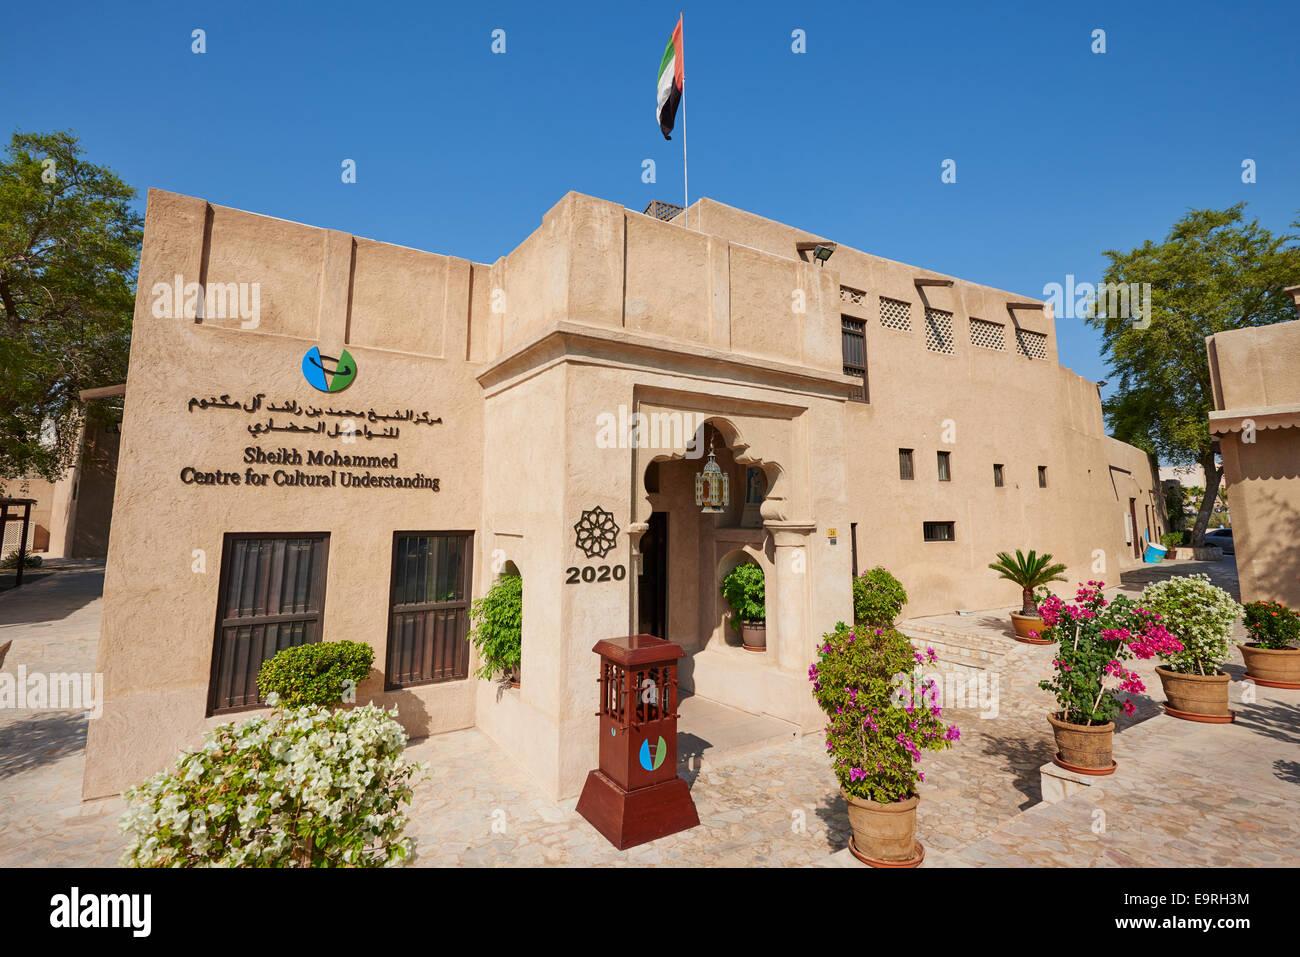 Sheikh Mohammed Centre For Cultural Understanding Al Bastakiya Historic Quarter Bur Dubai UAE - Stock Image